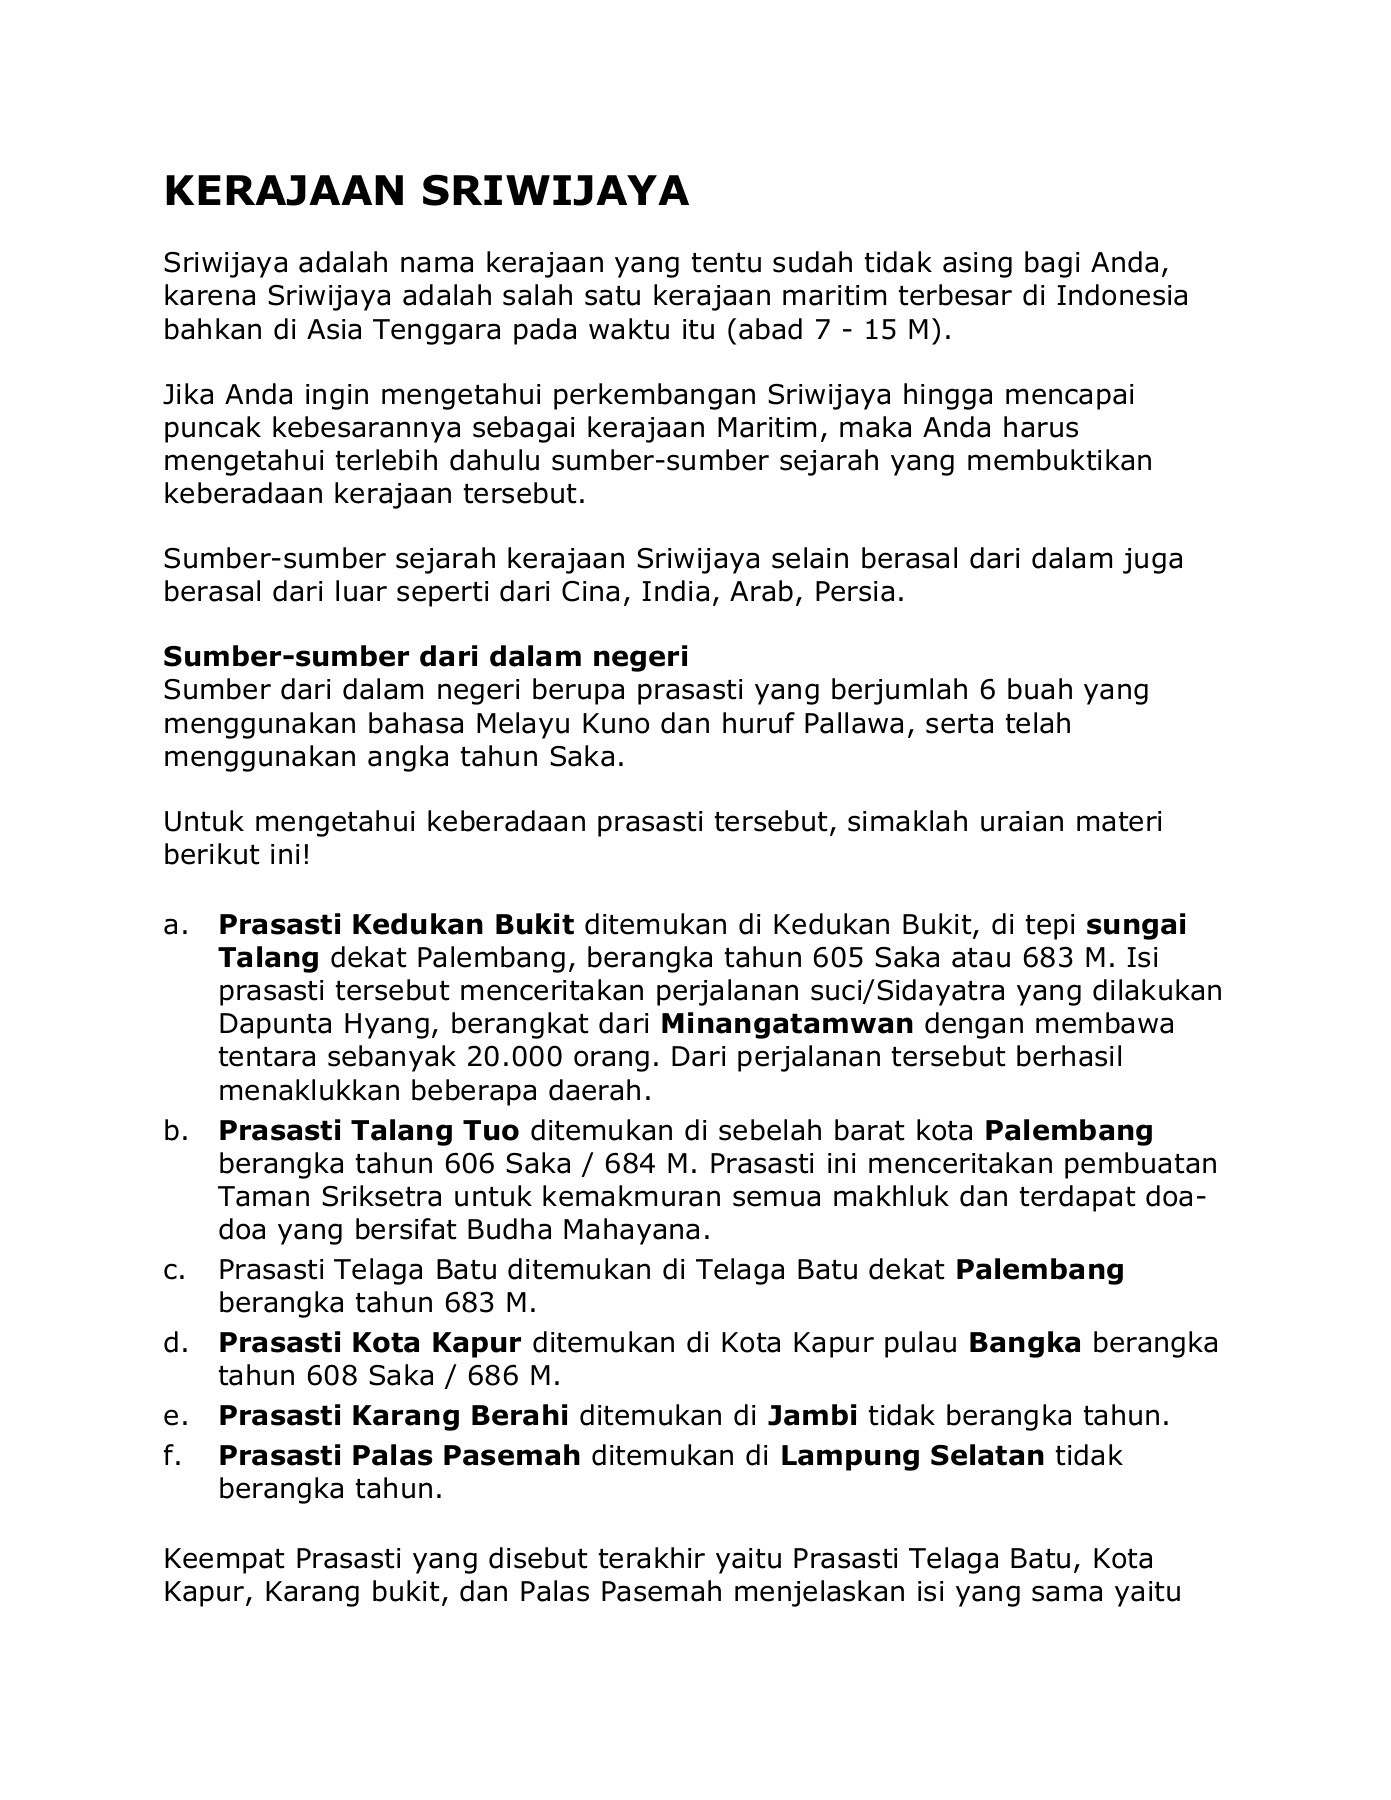 Kerajaan Sriwijaya Disebut Kerajaan Maritim : kerajaan, sriwijaya, disebut, maritim, Modul-kerajaan-sriwijaya